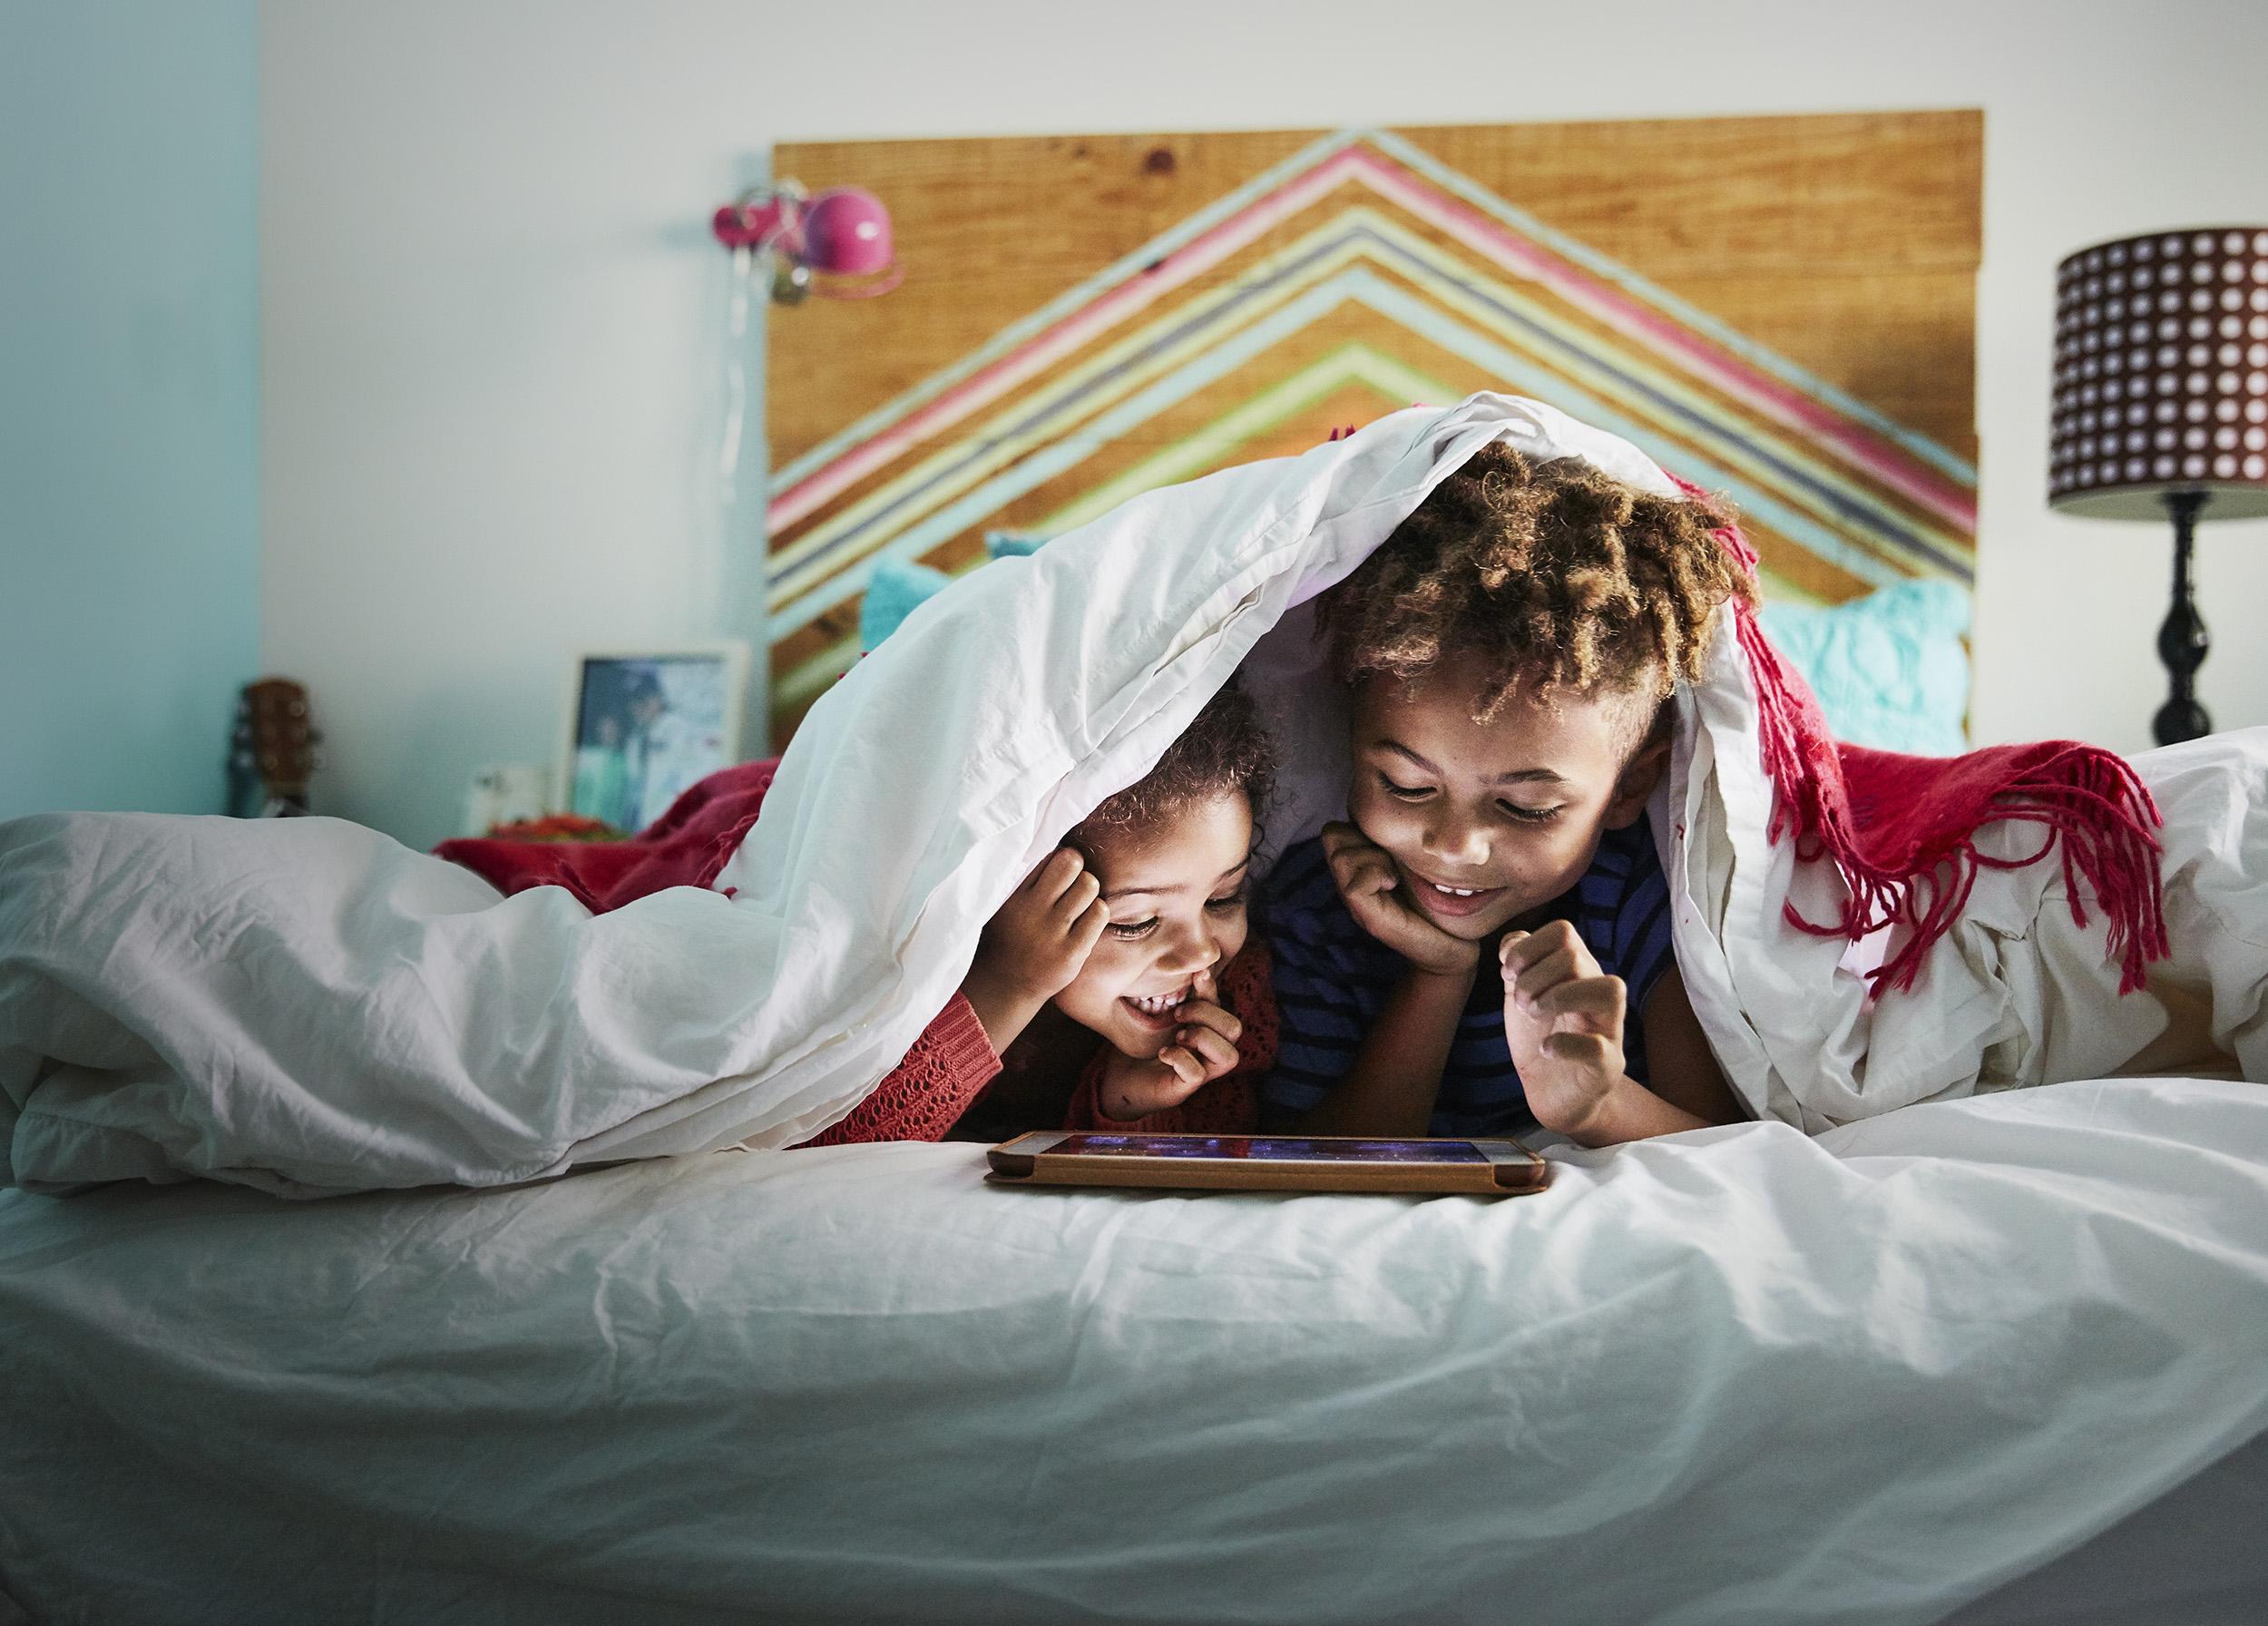 Bedroom_Kids__44A9044_V1_final_cropped.jpg